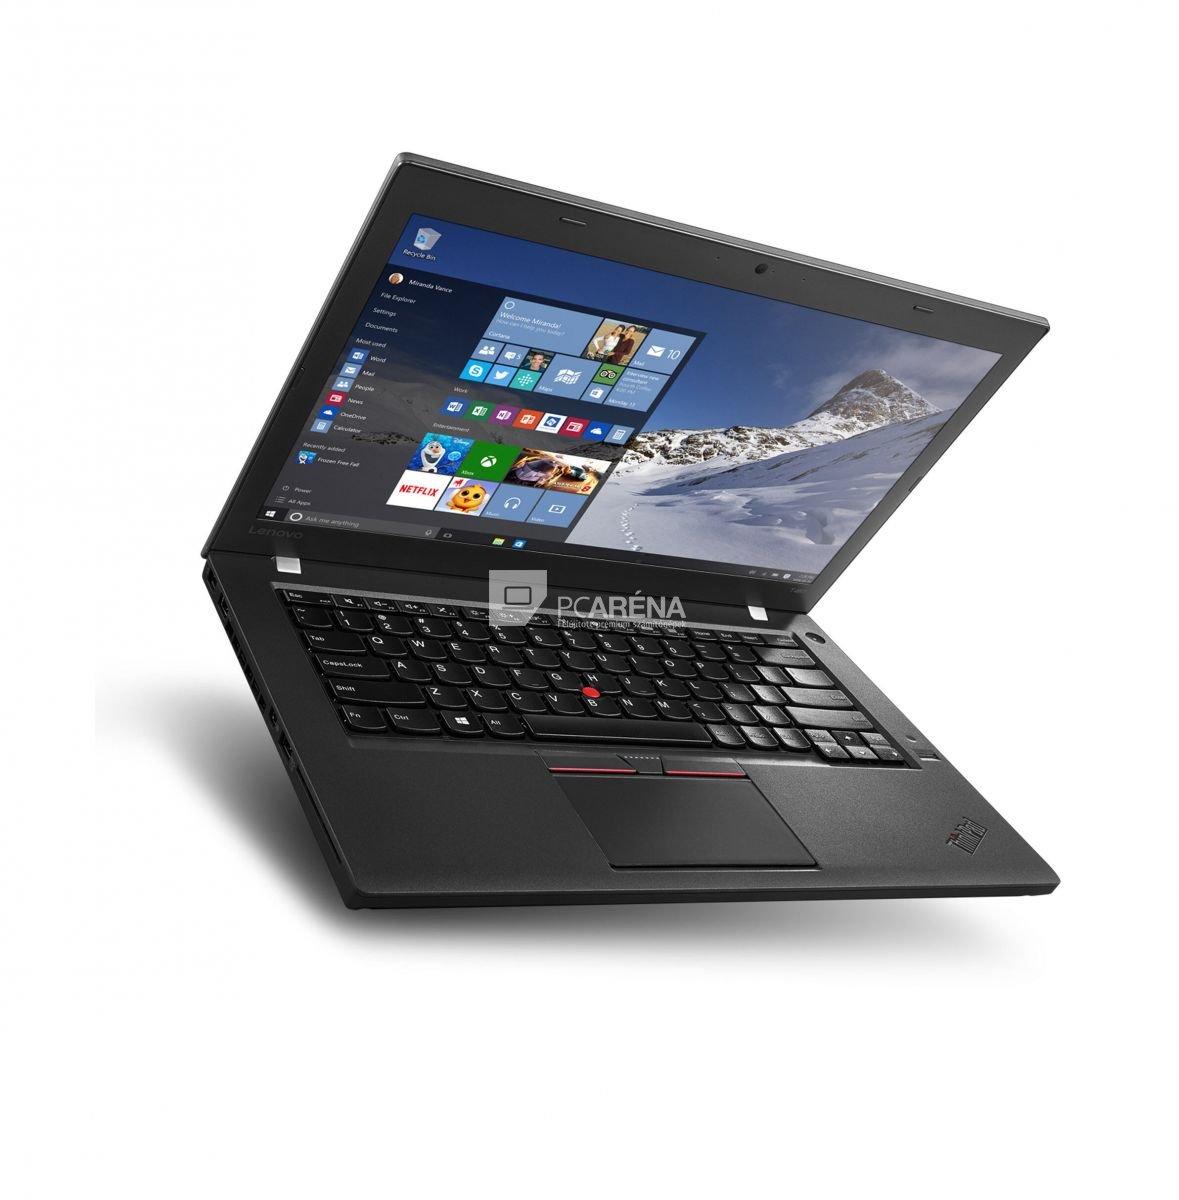 Lenovo Thinkpad T460 HUN (szépséghibás) laptop